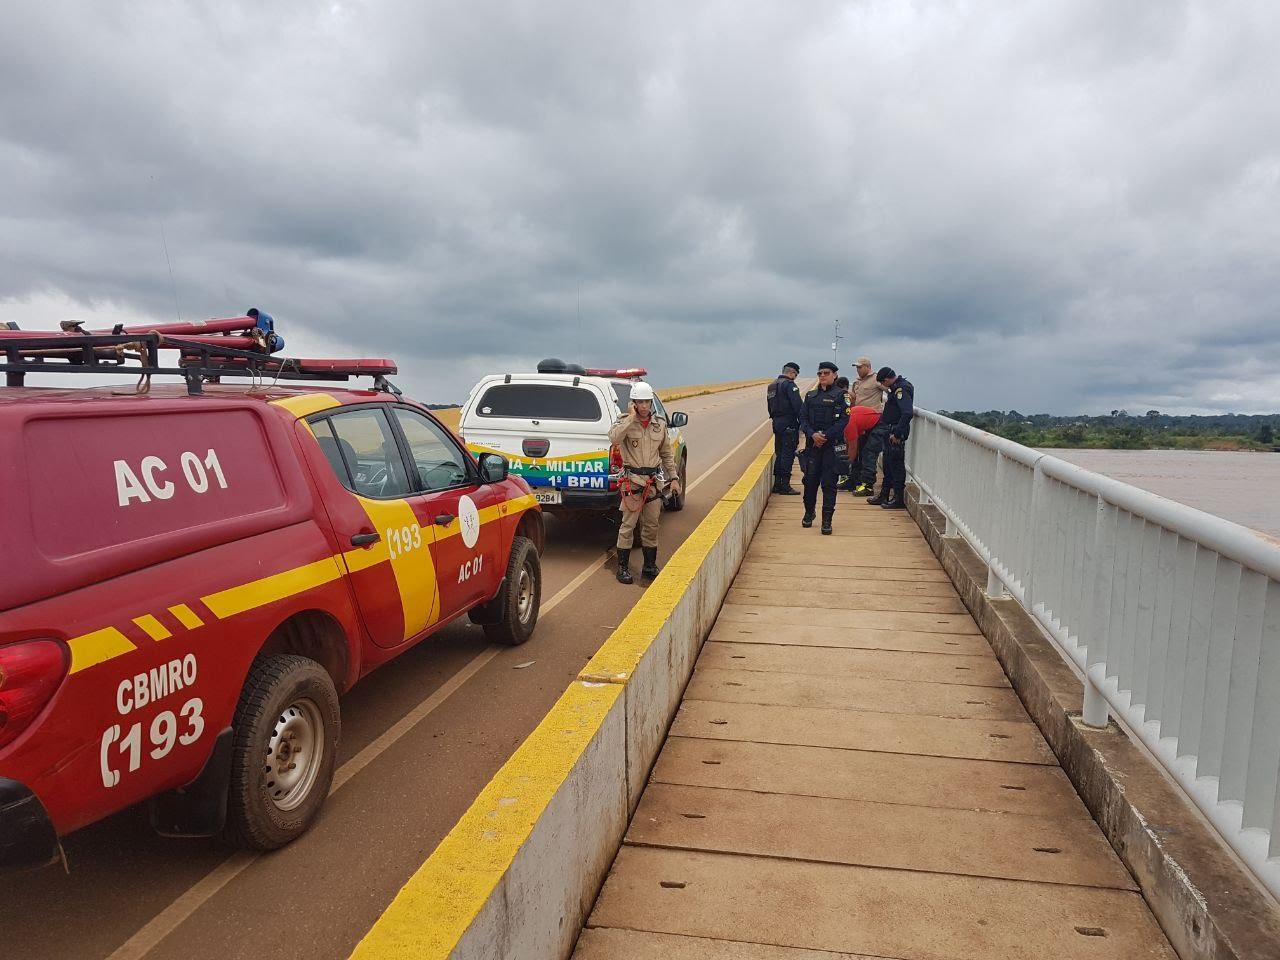 Bombeiros salvam mulher que tentava pular da ponte no Rio Madeira